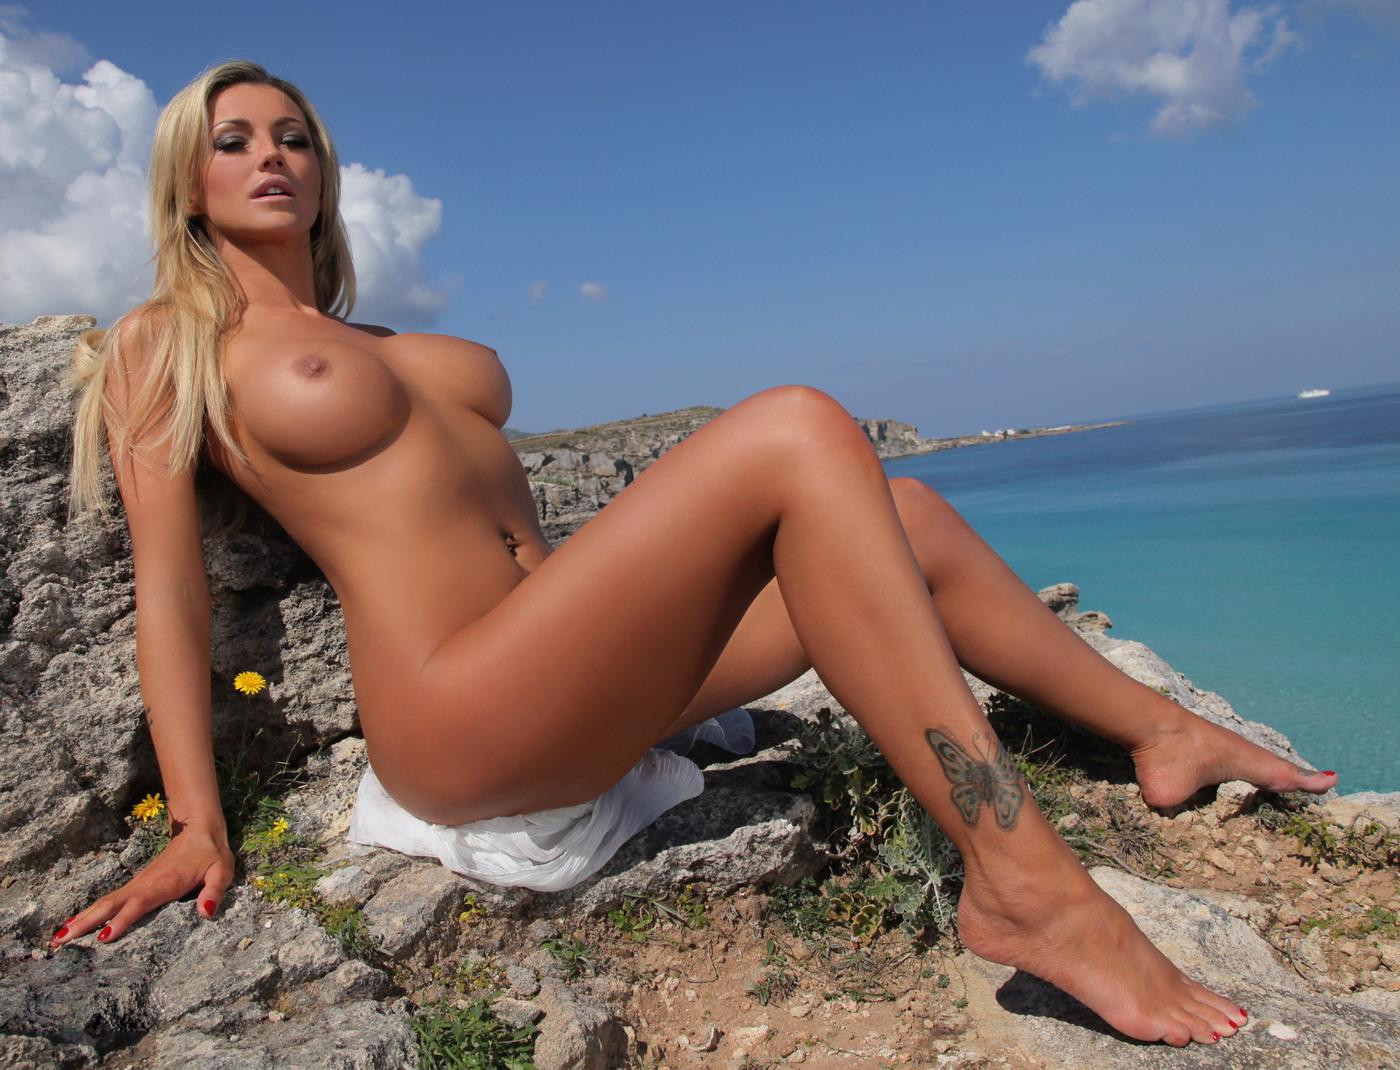 Фотки голых красавец, Голые красотки - фото голых красивых девушек 4 фотография